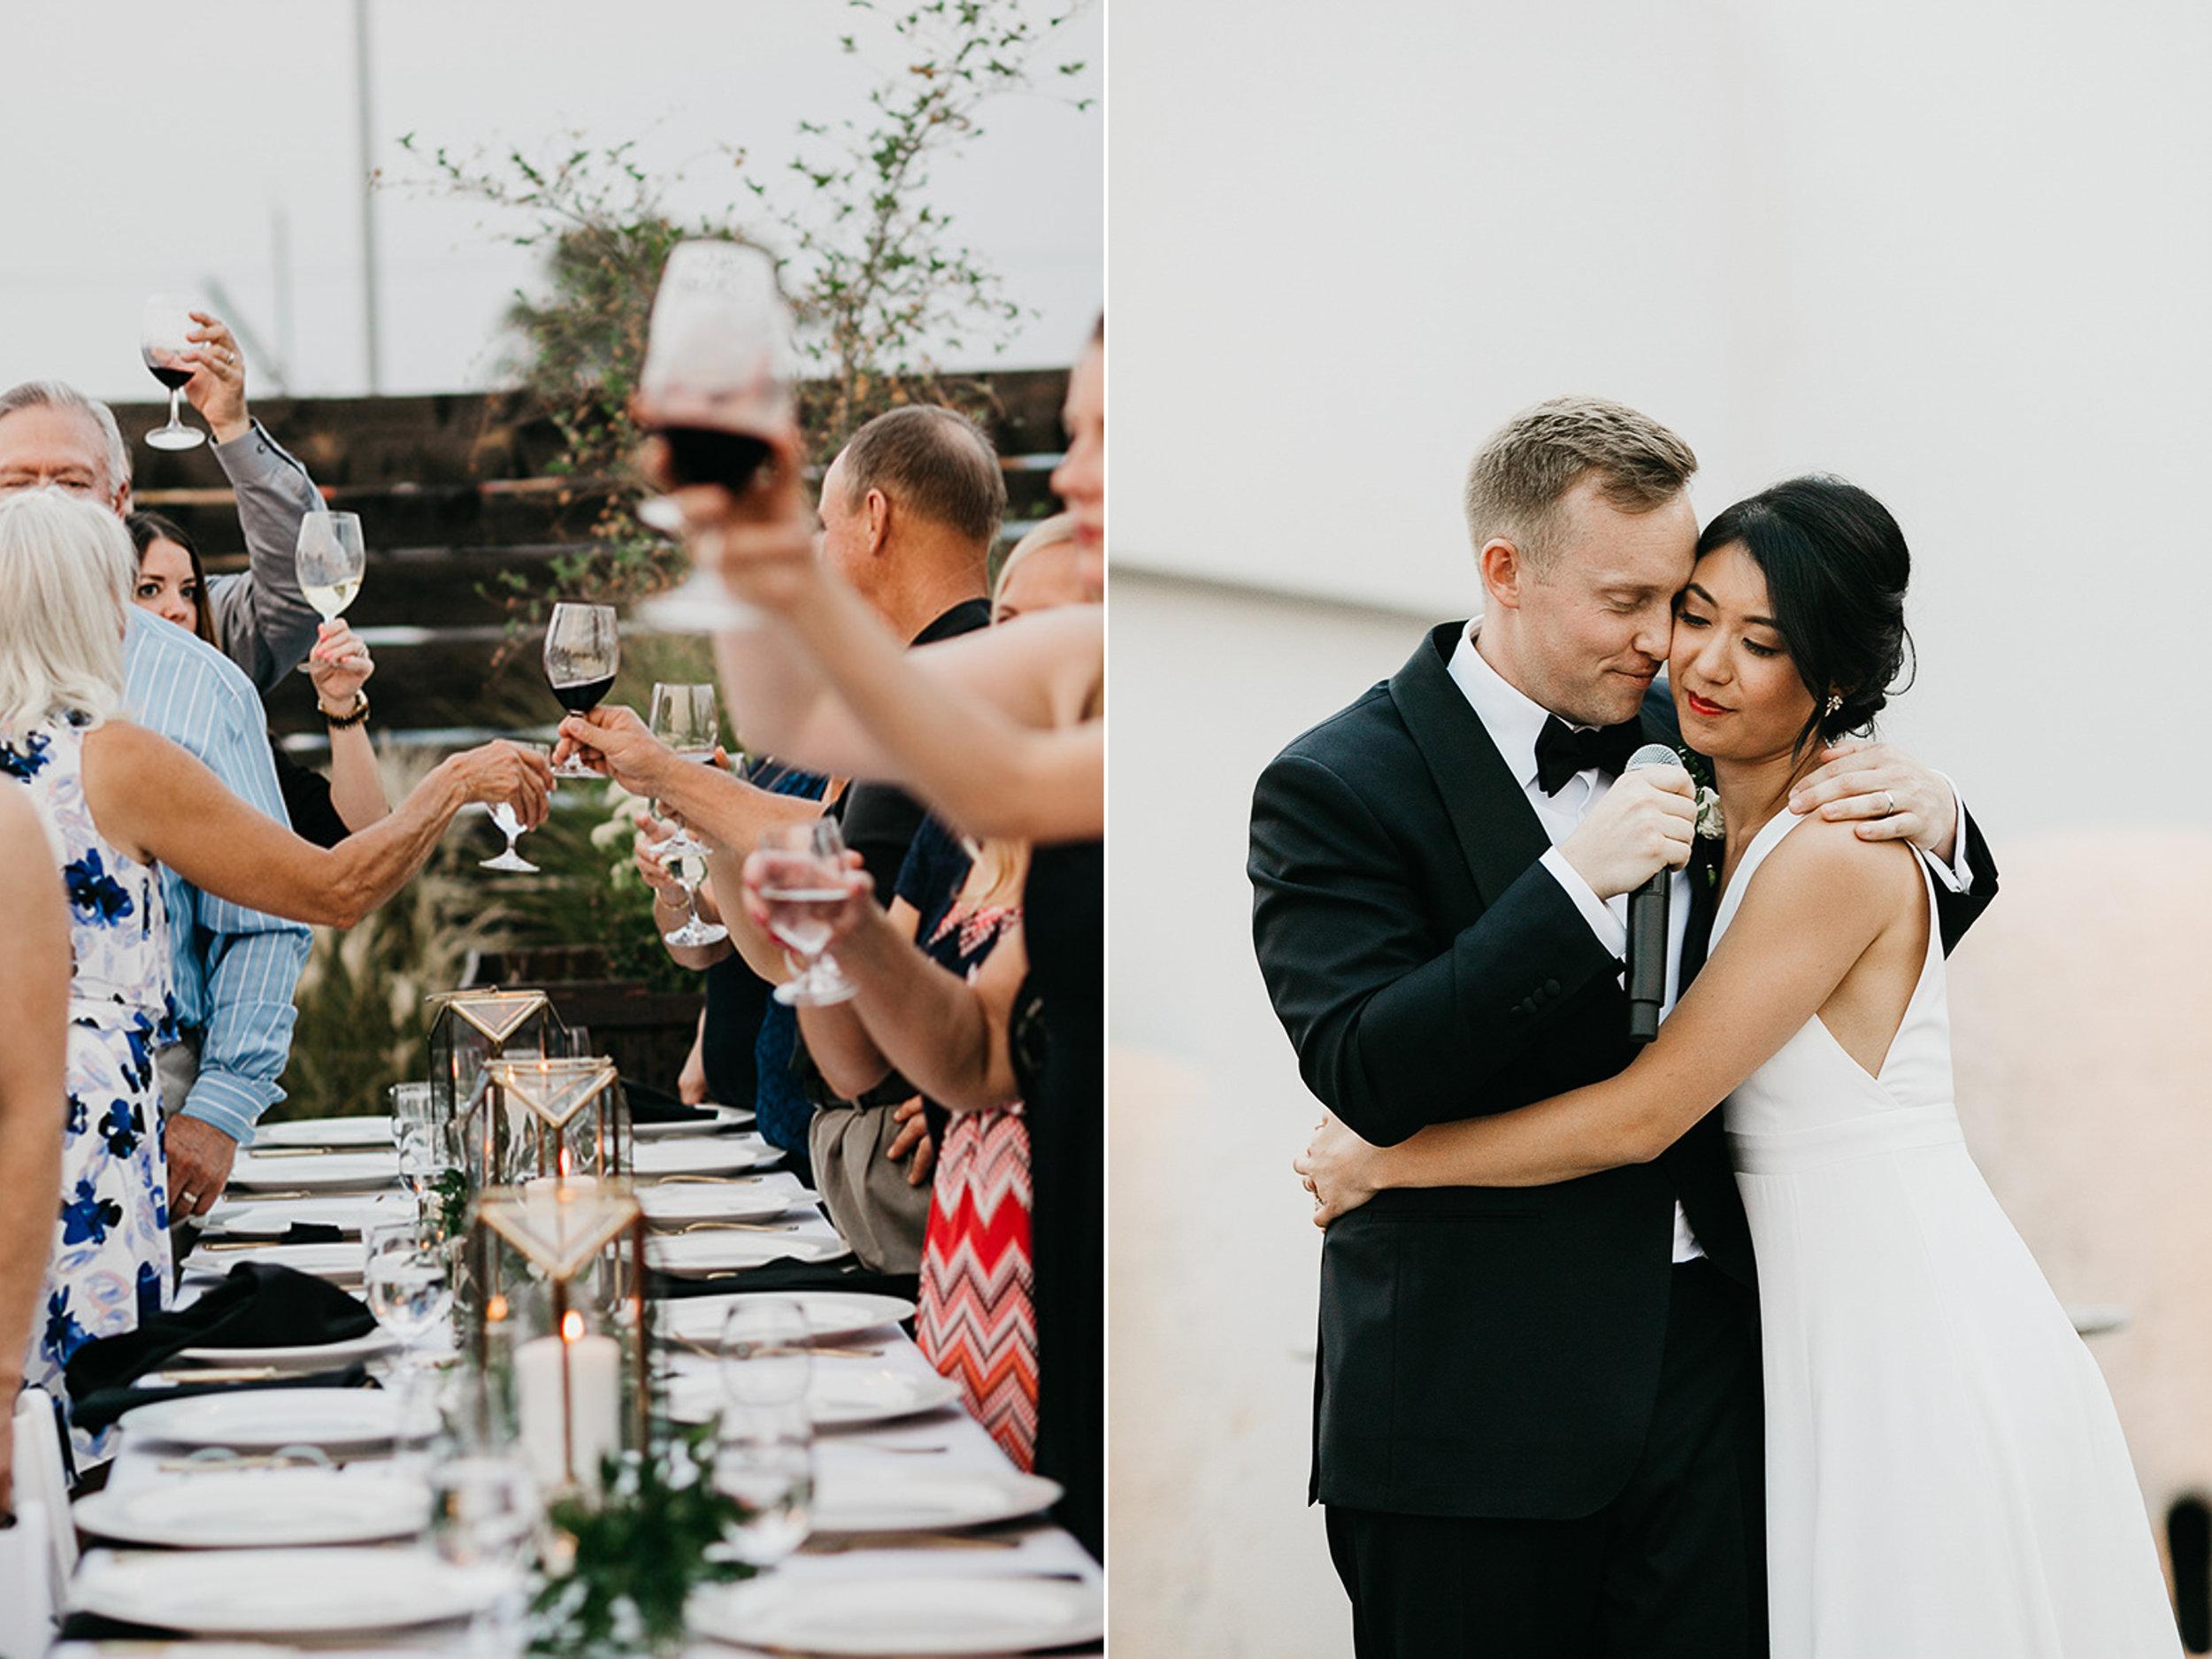 Walla walla - washington - wedding - photographer028.jpg